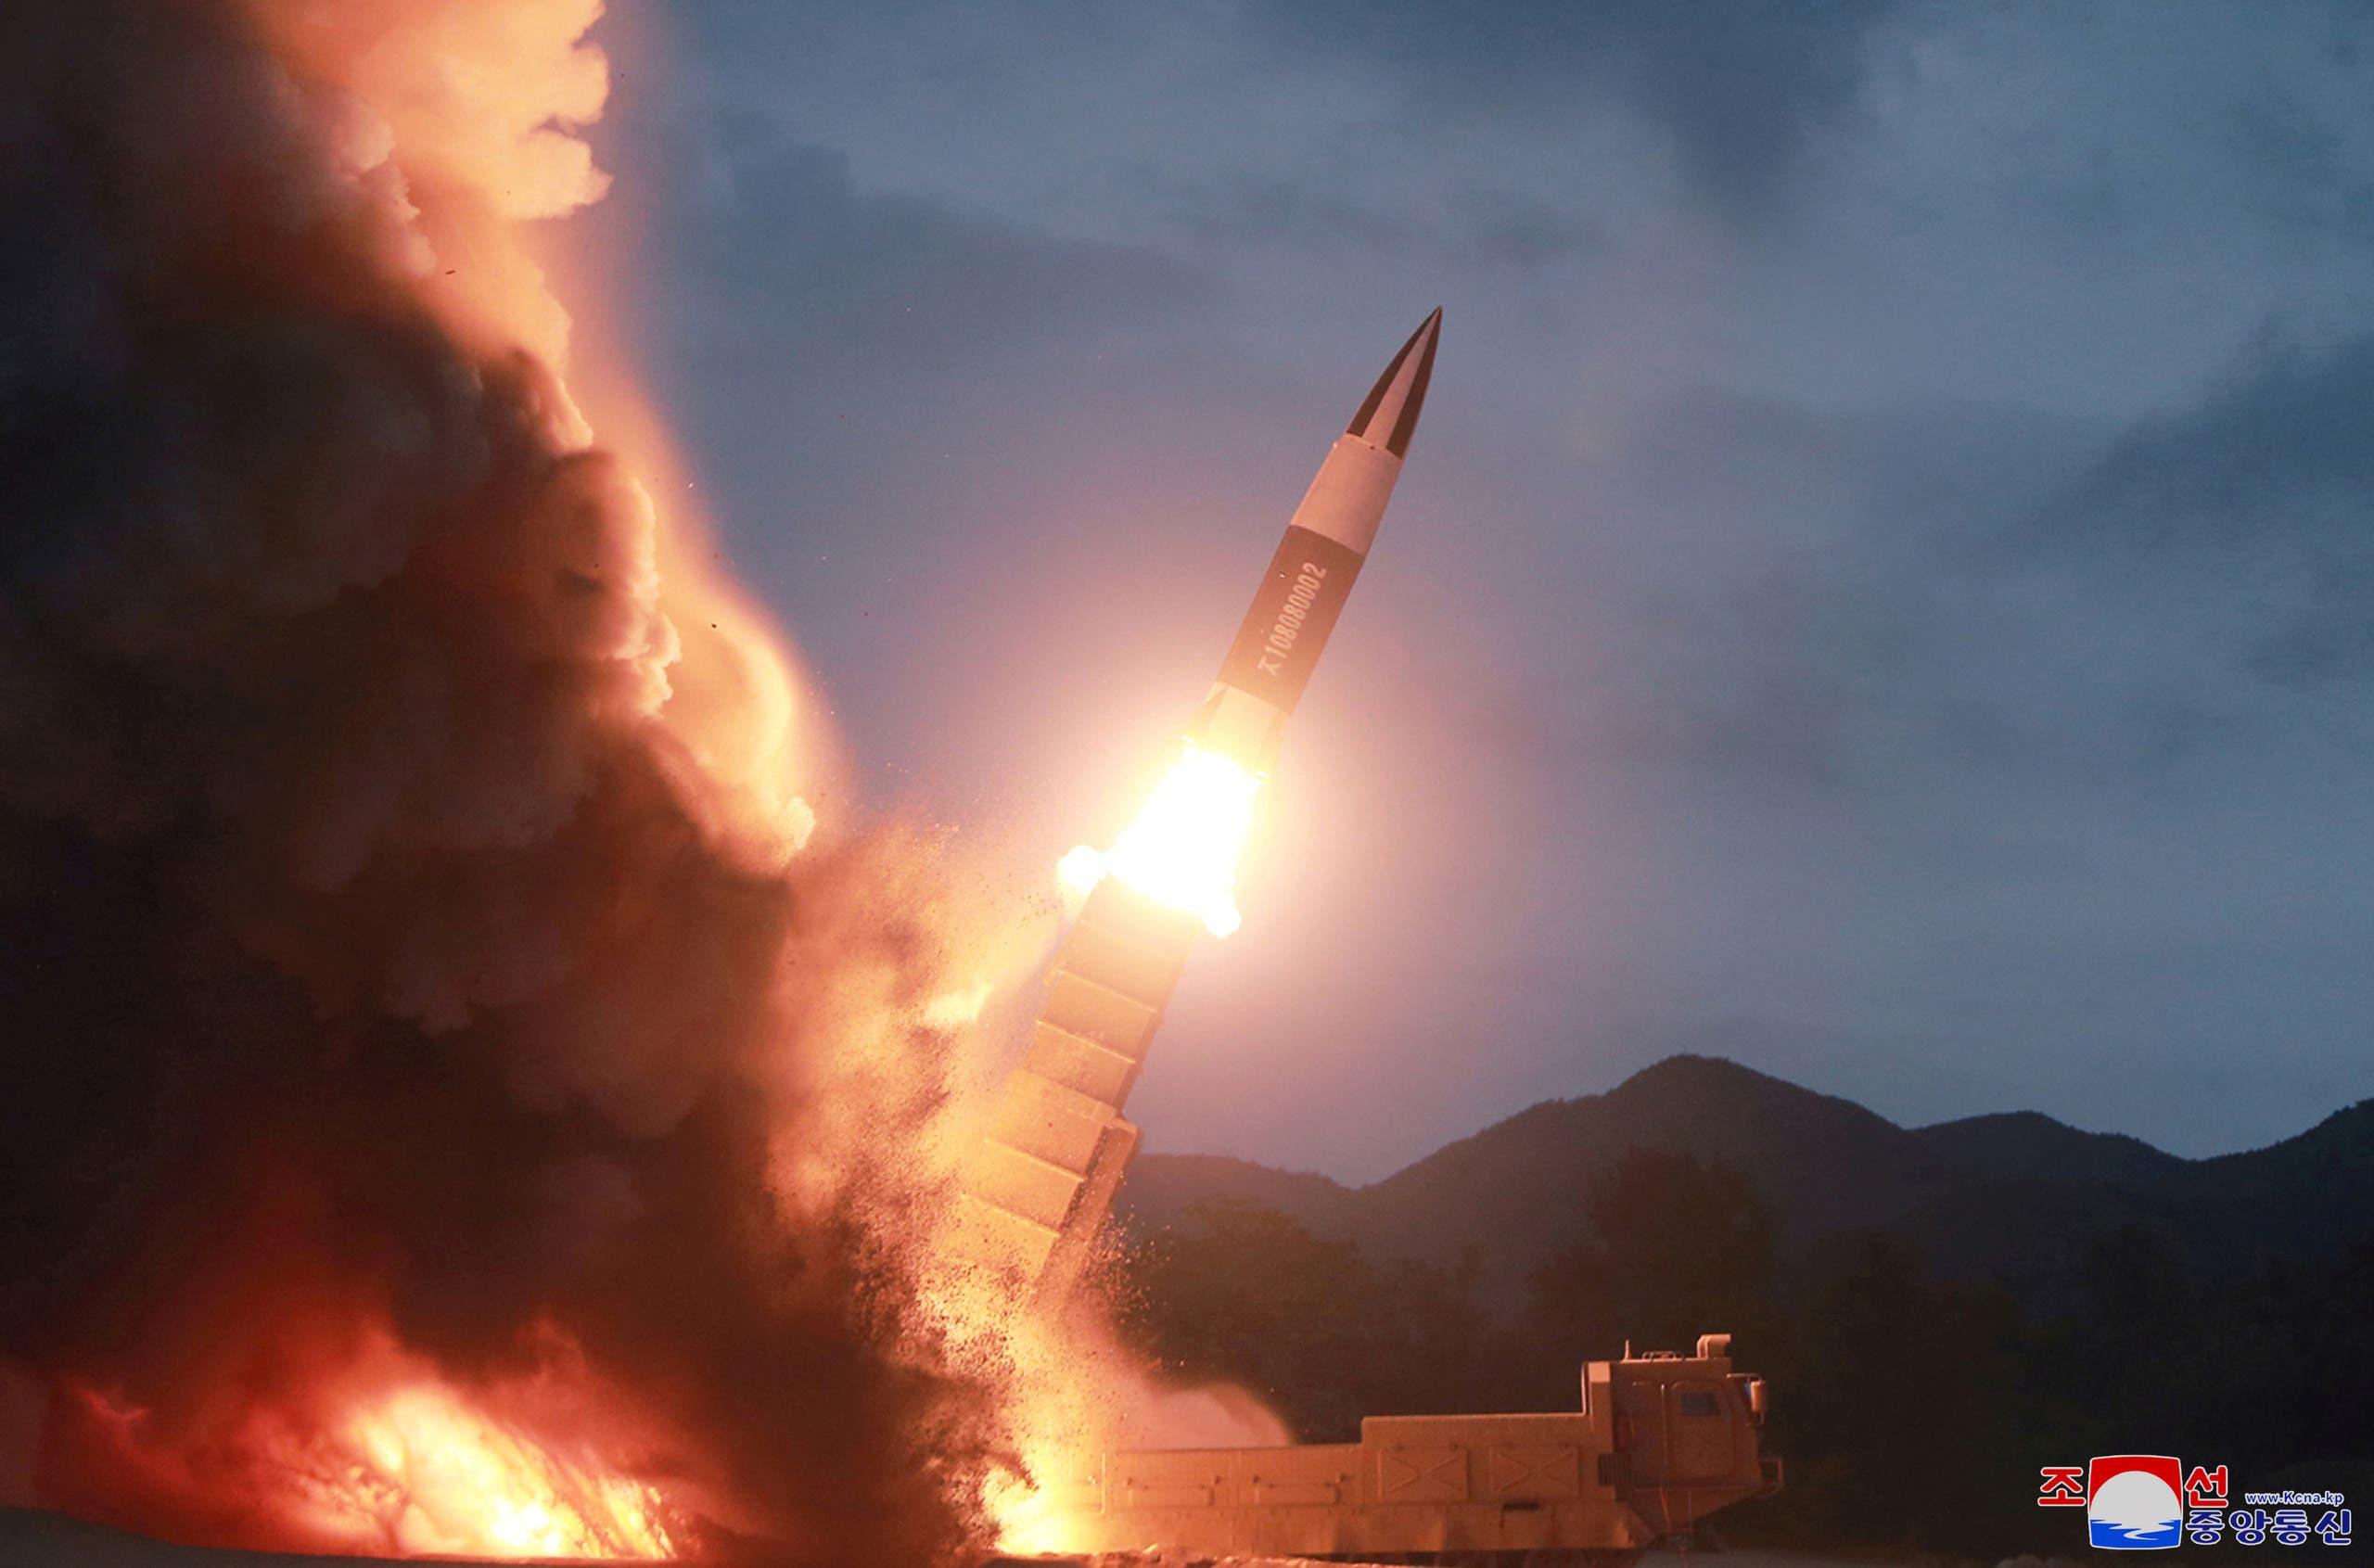 كوريا الشمالية تختبر إطلاق سلاح جديد